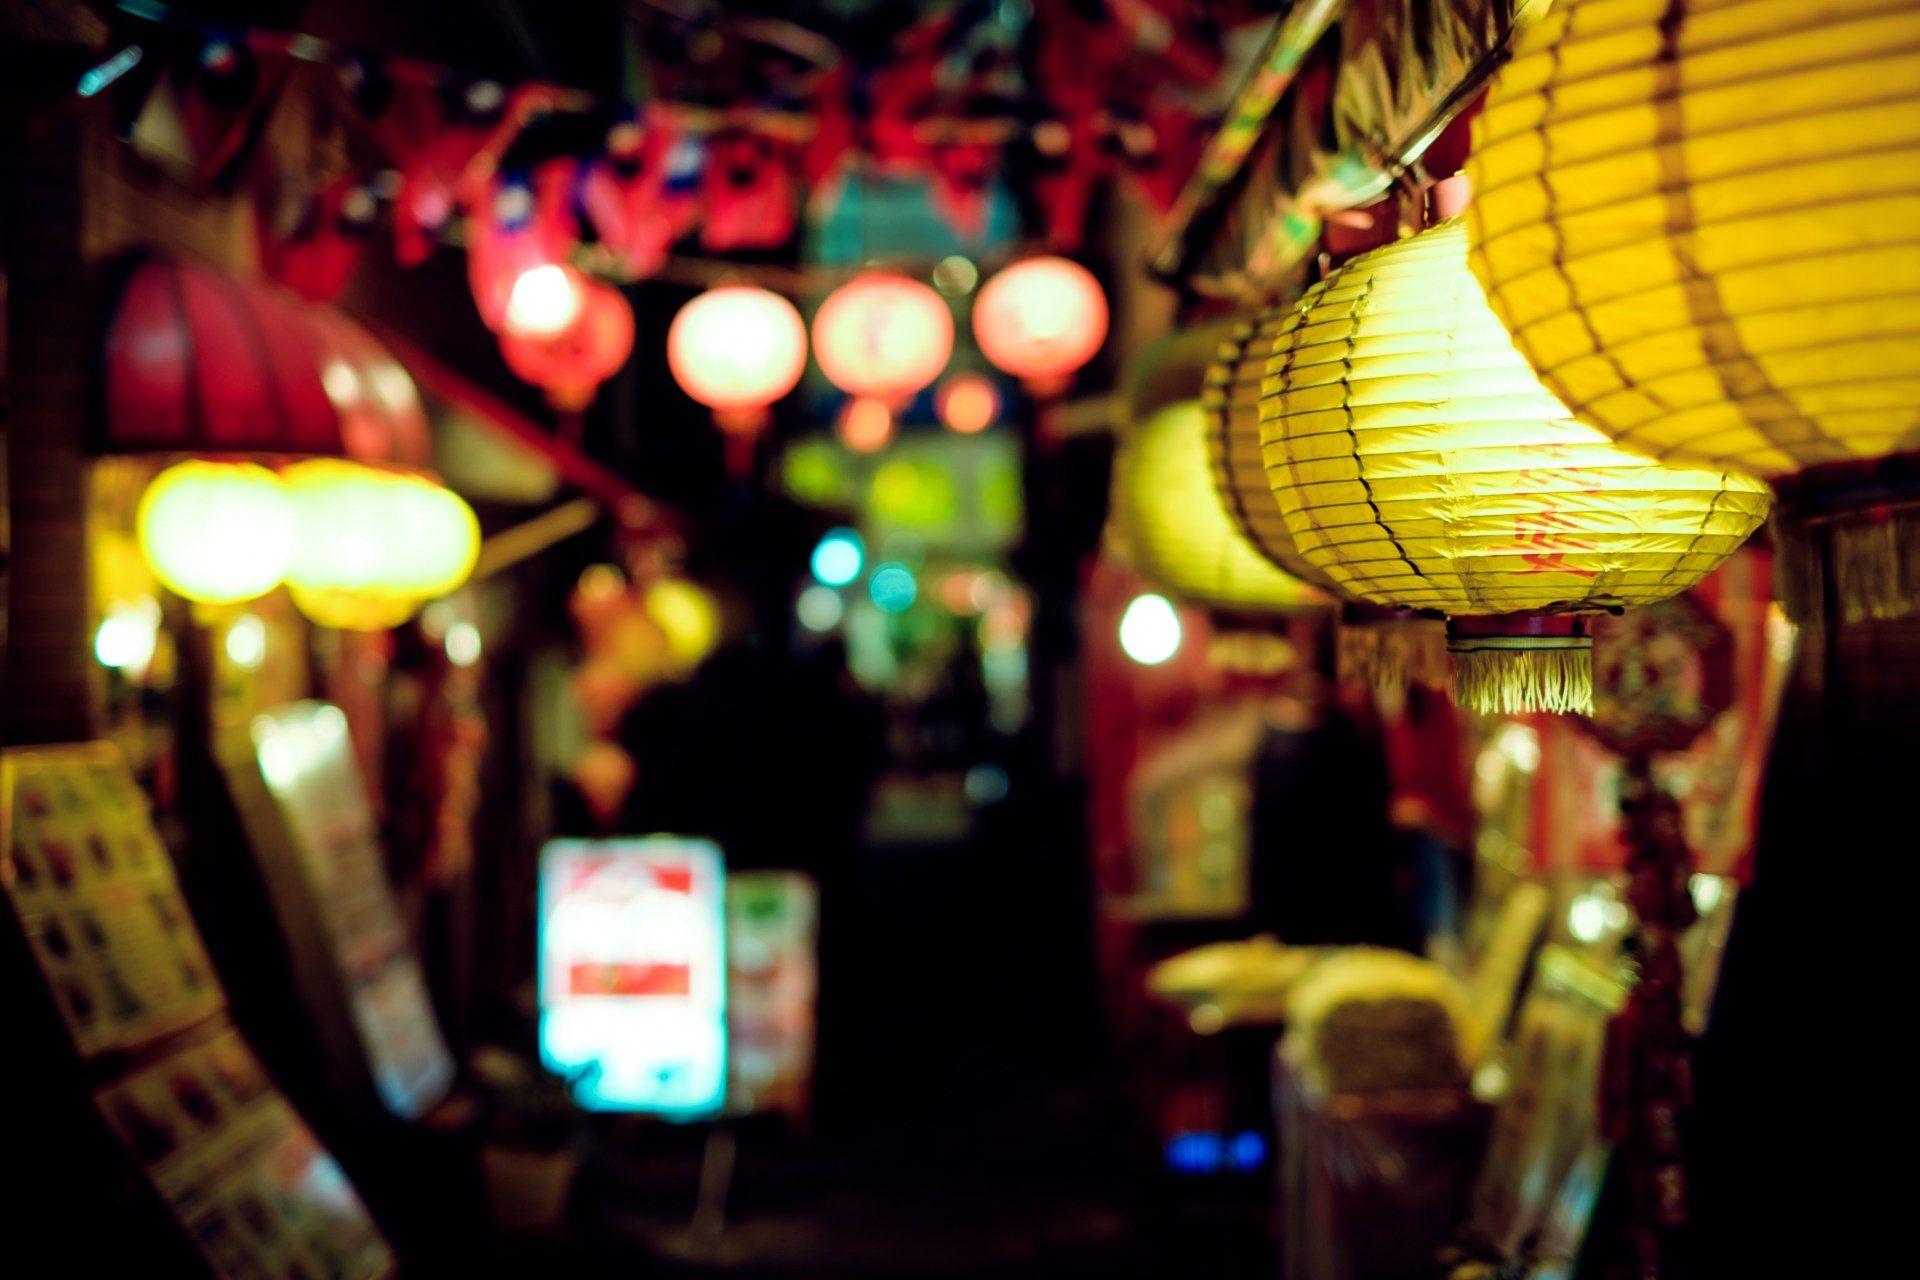 夜晚的居酒屋